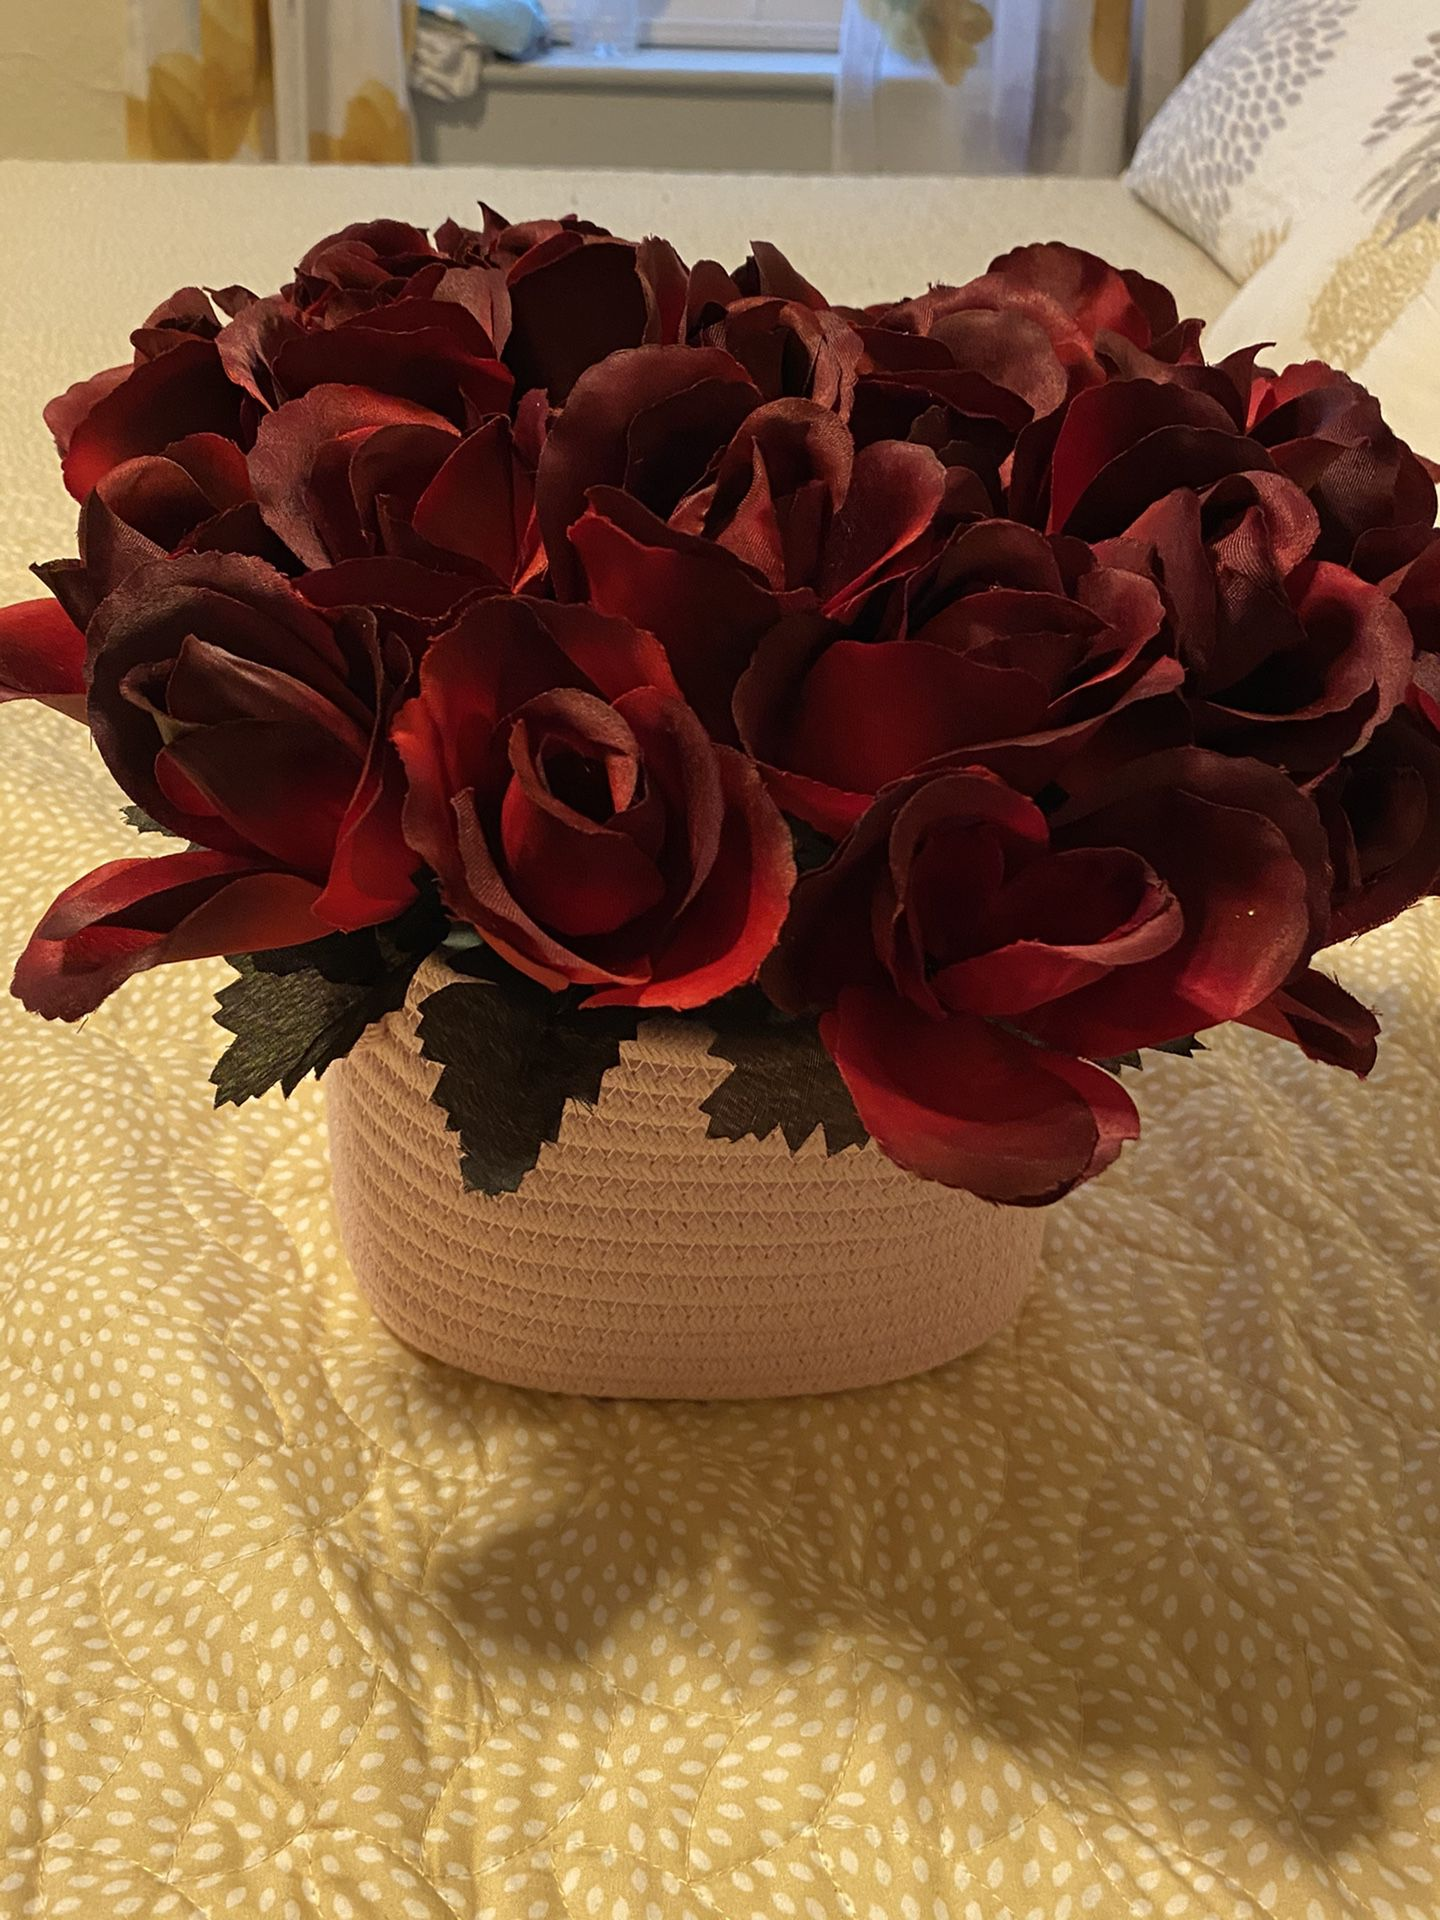 Flower bouquet 8in x 6in round